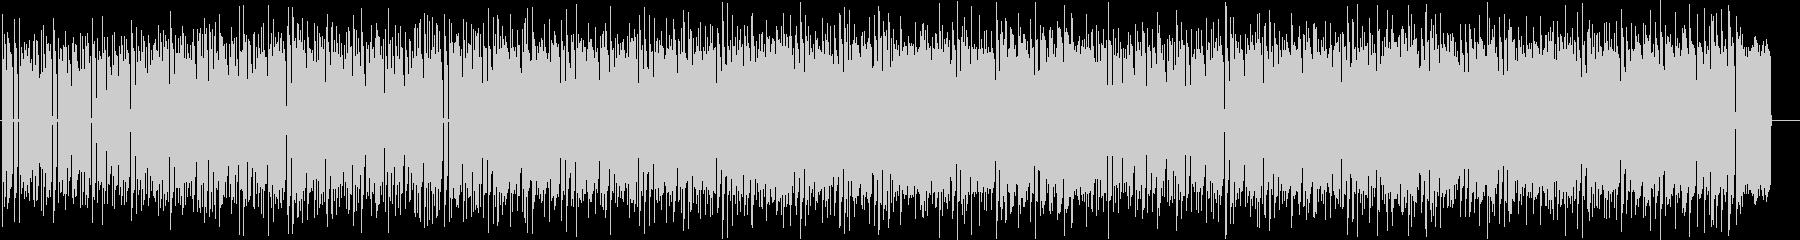 ファミコンのシューティングゲームの様な曲の未再生の波形